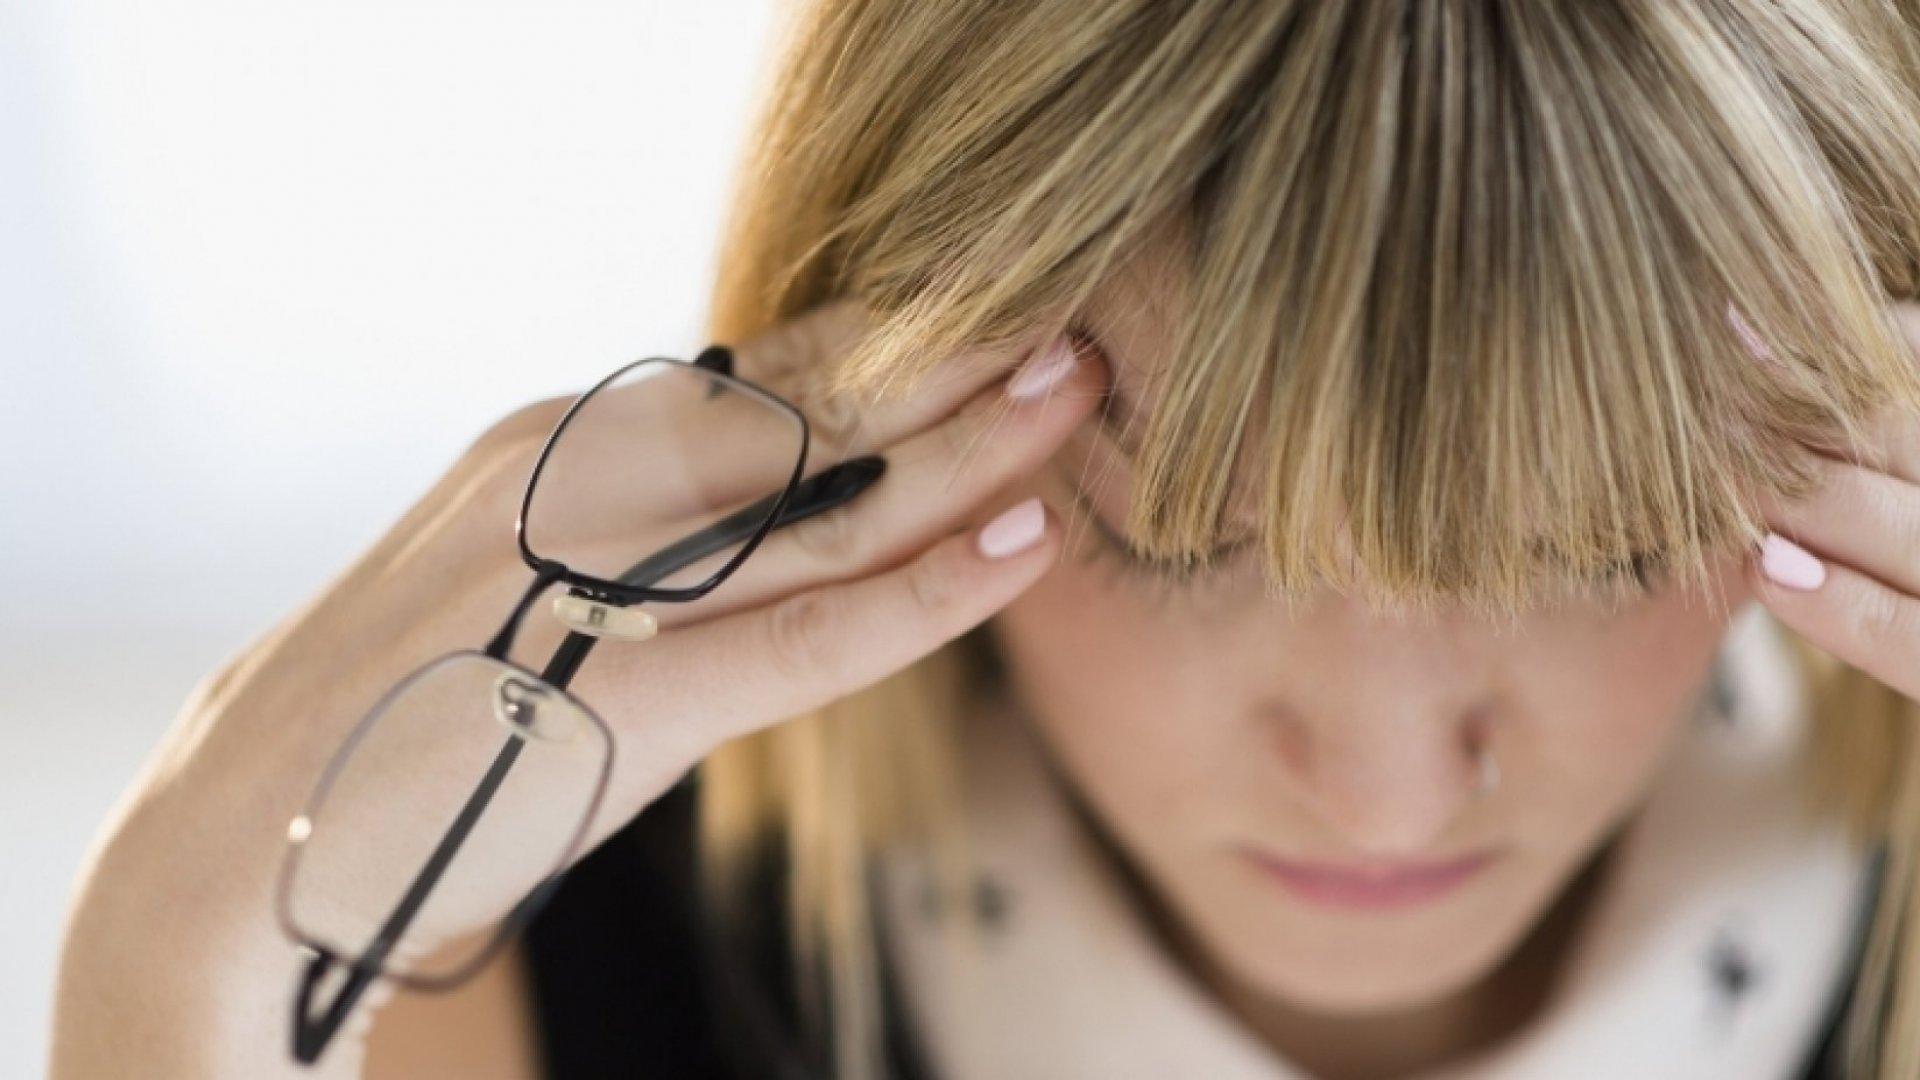 بسیاری از این افراد توانسته اند استرس را به شکلی حیرت انگیز مدیریت کنند. آیا این افراد فشار استرسی کمتری تجربه می کنند؟